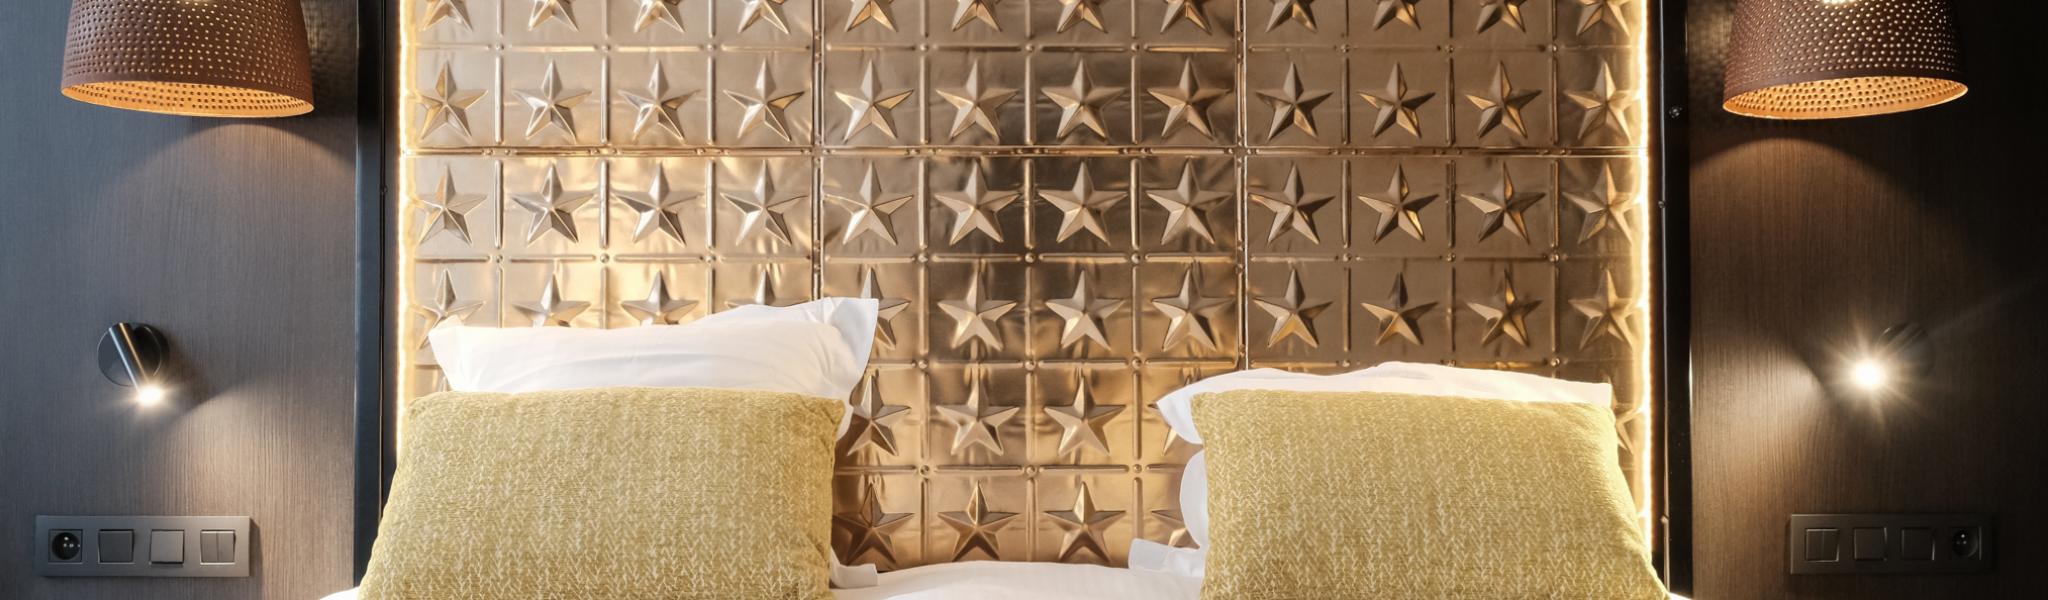 Bedhoofd Double Room - Hotel Het Anker